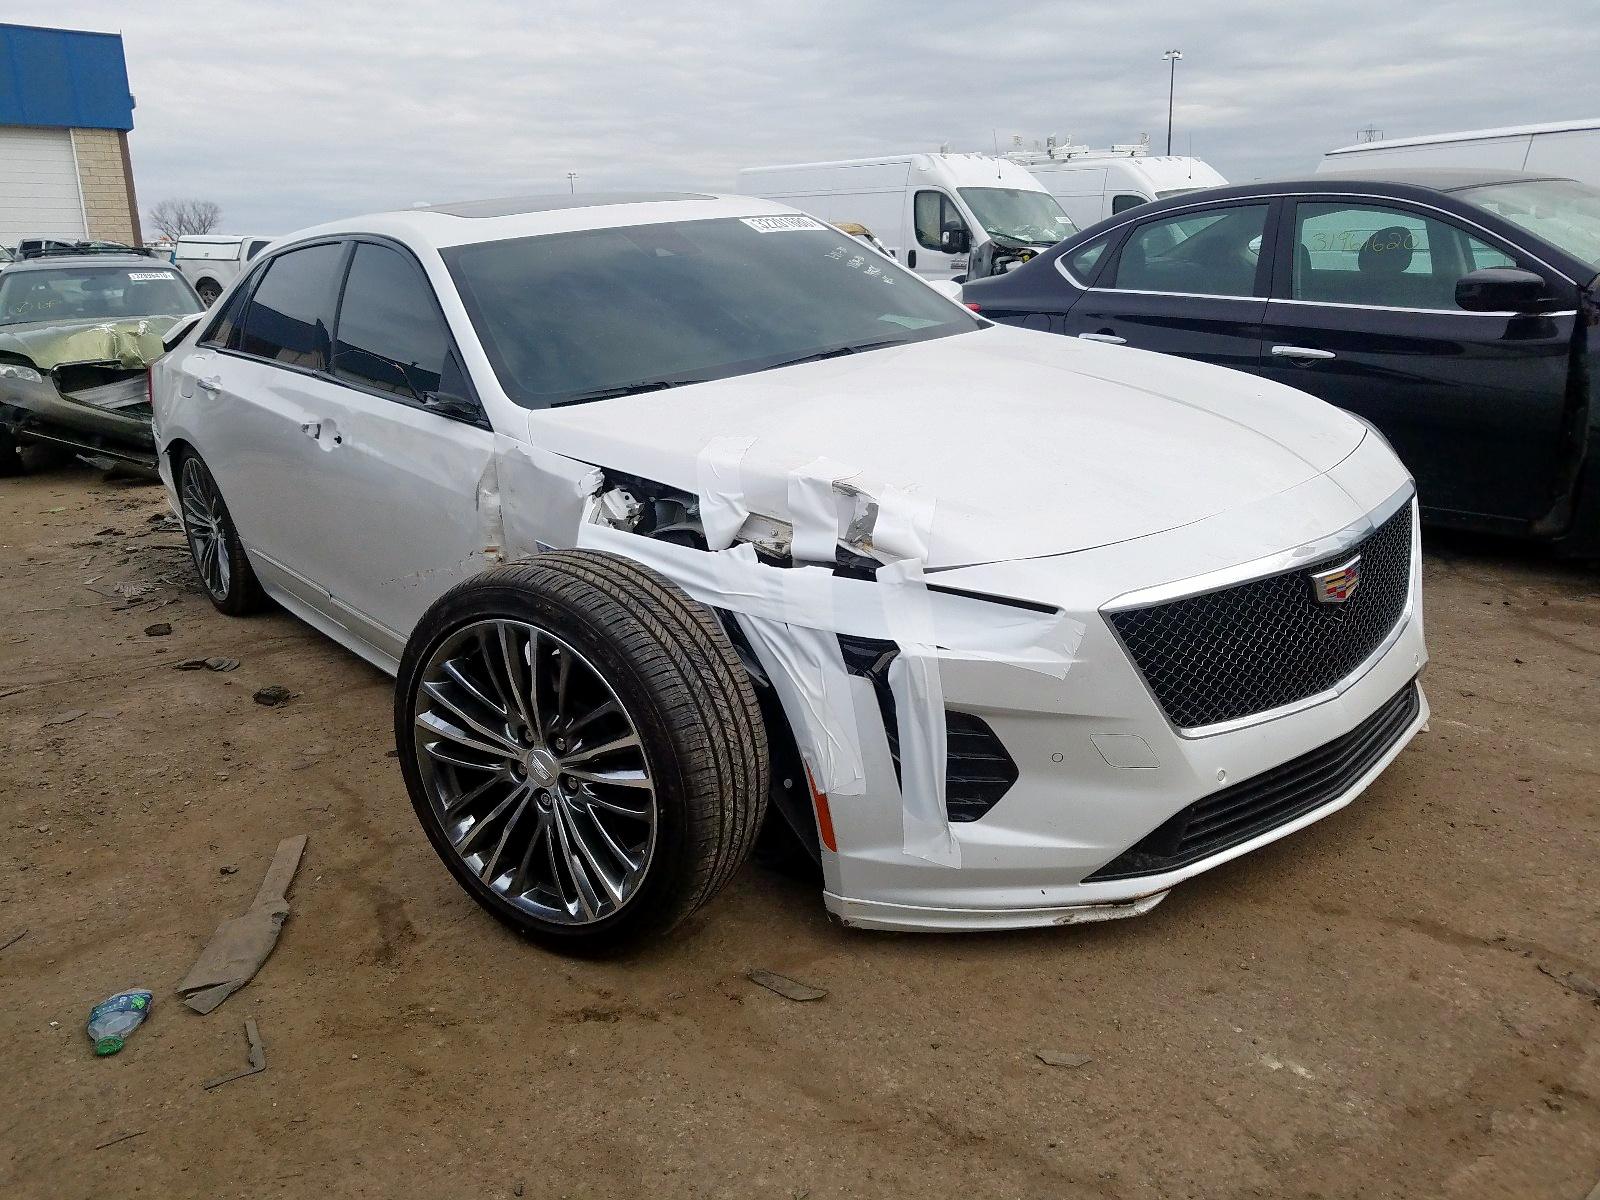 2019 Cadillac Ct6 Sport 3.0L 6 in MI - Detroit ...